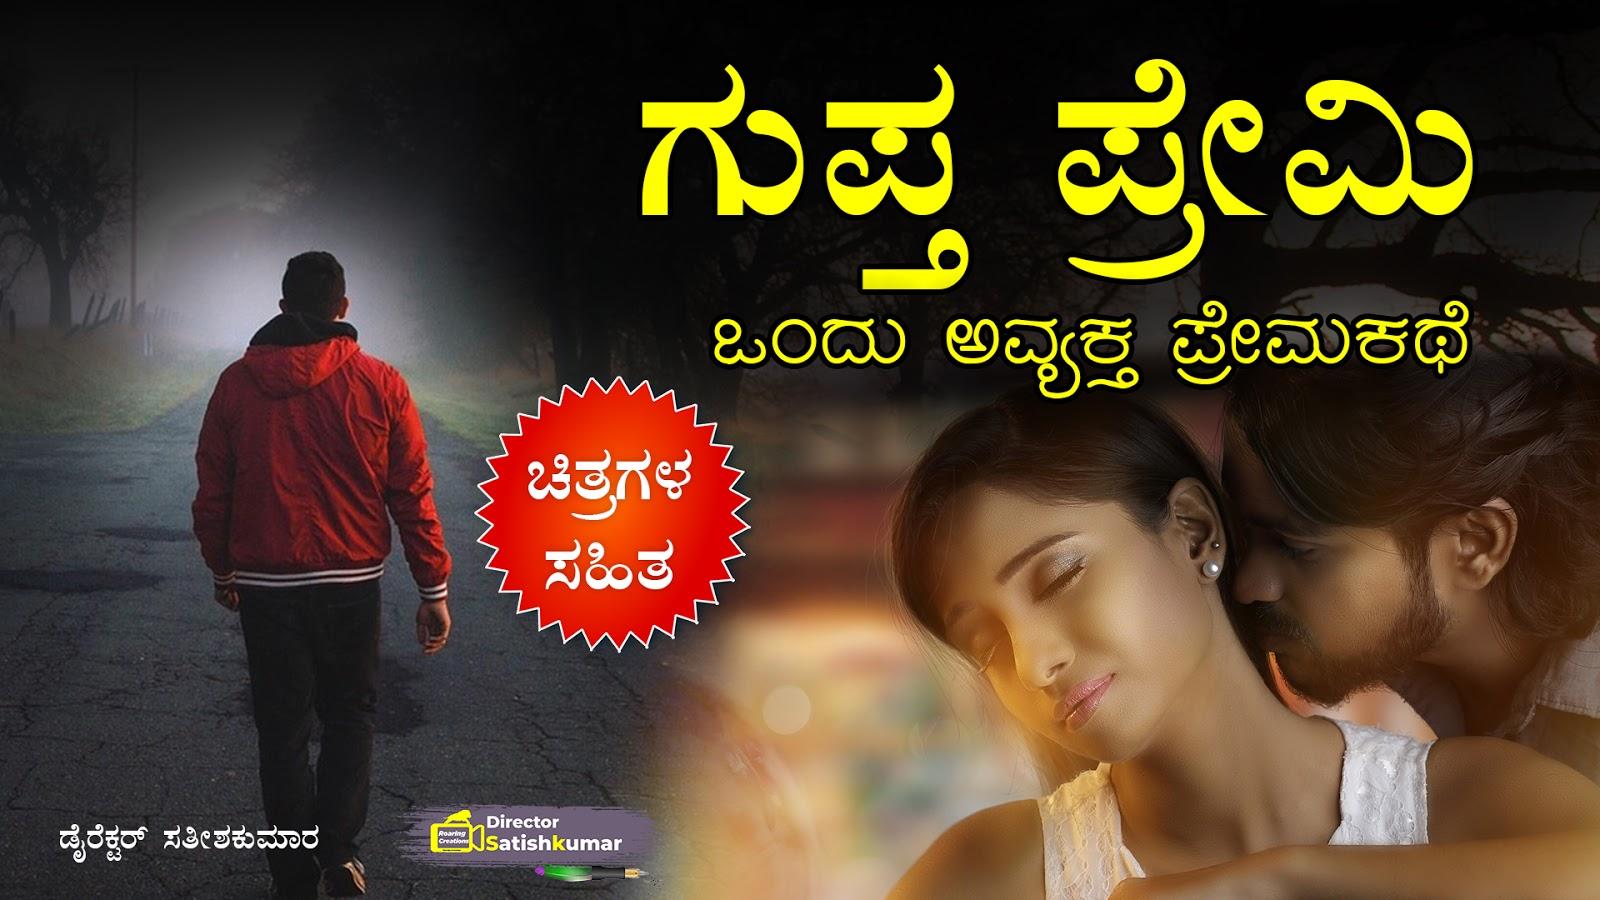 ಗುಪ್ತ ಪ್ರೇಮಿ ; ಒಂದು ಅವ್ಯಕ್ತ ಪ್ರೇಮಕಥೆ - Kannada Moral Love Story - ಕನ್ನಡ ಕಥೆ ಪುಸ್ತಕಗಳು - Kannada Story Books -  E Books Kannada - Kannada Books